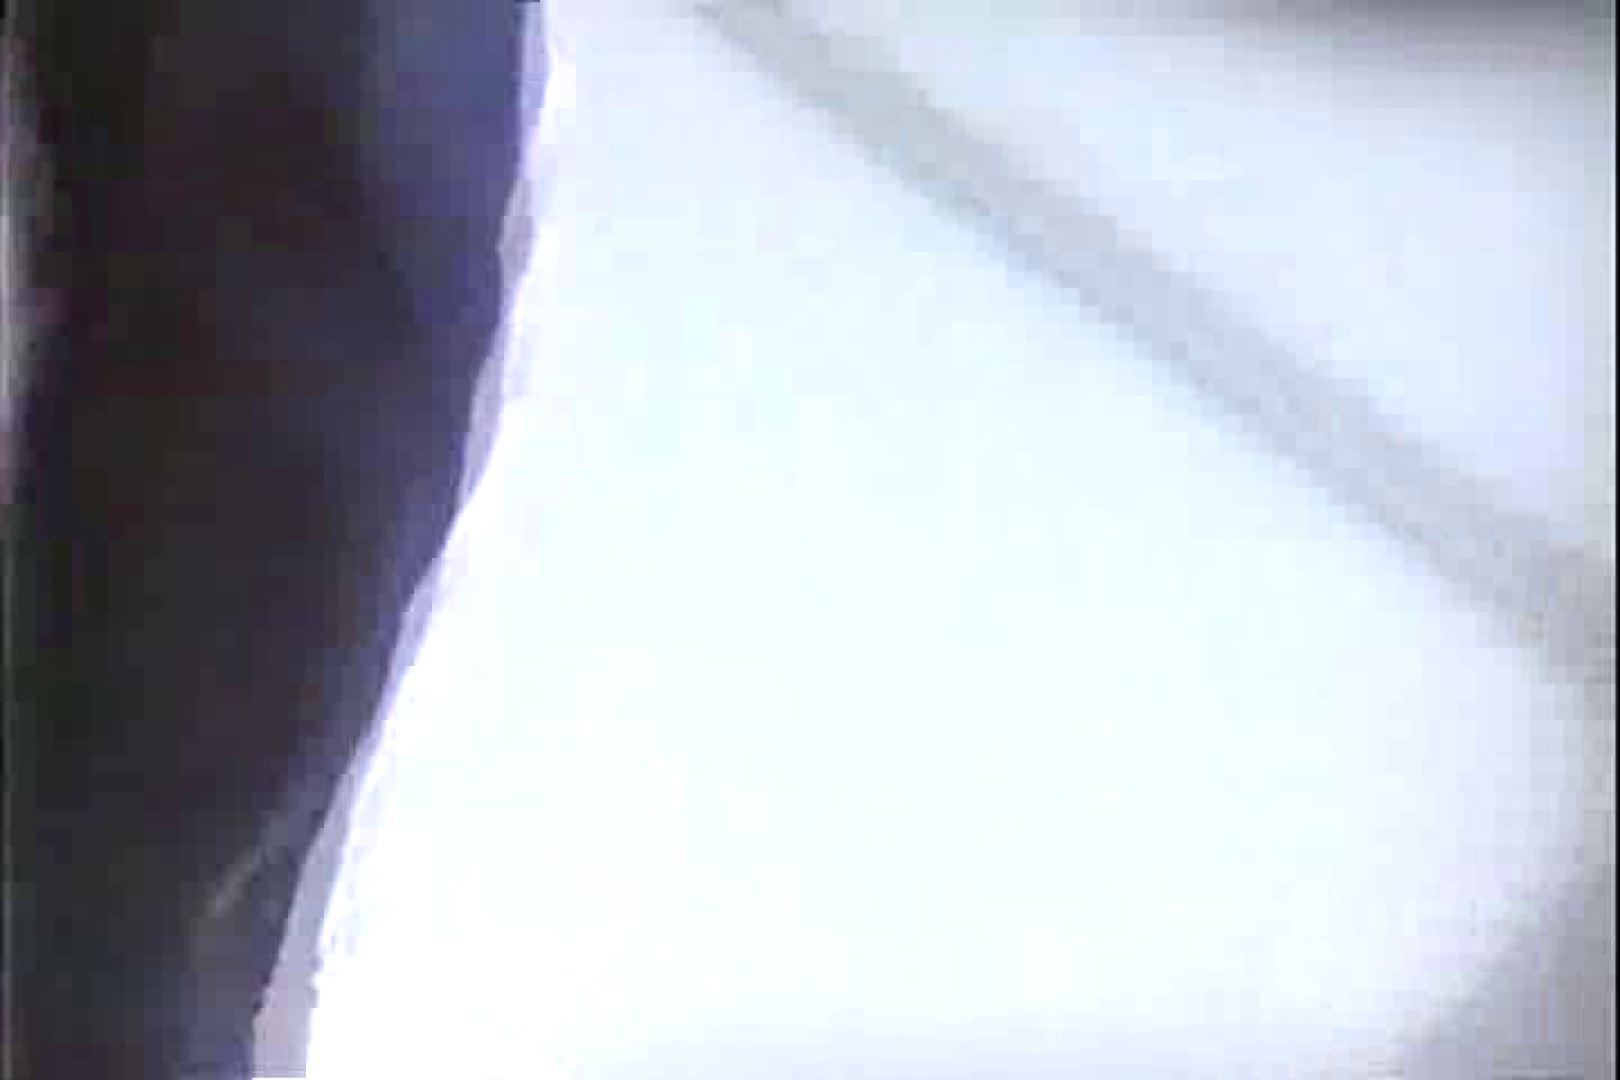 「ちくりん」さんのオリジナル未編集パンチラVol.4_02 パンチラ放出 盗撮セックス無修正動画無料 69pic 54